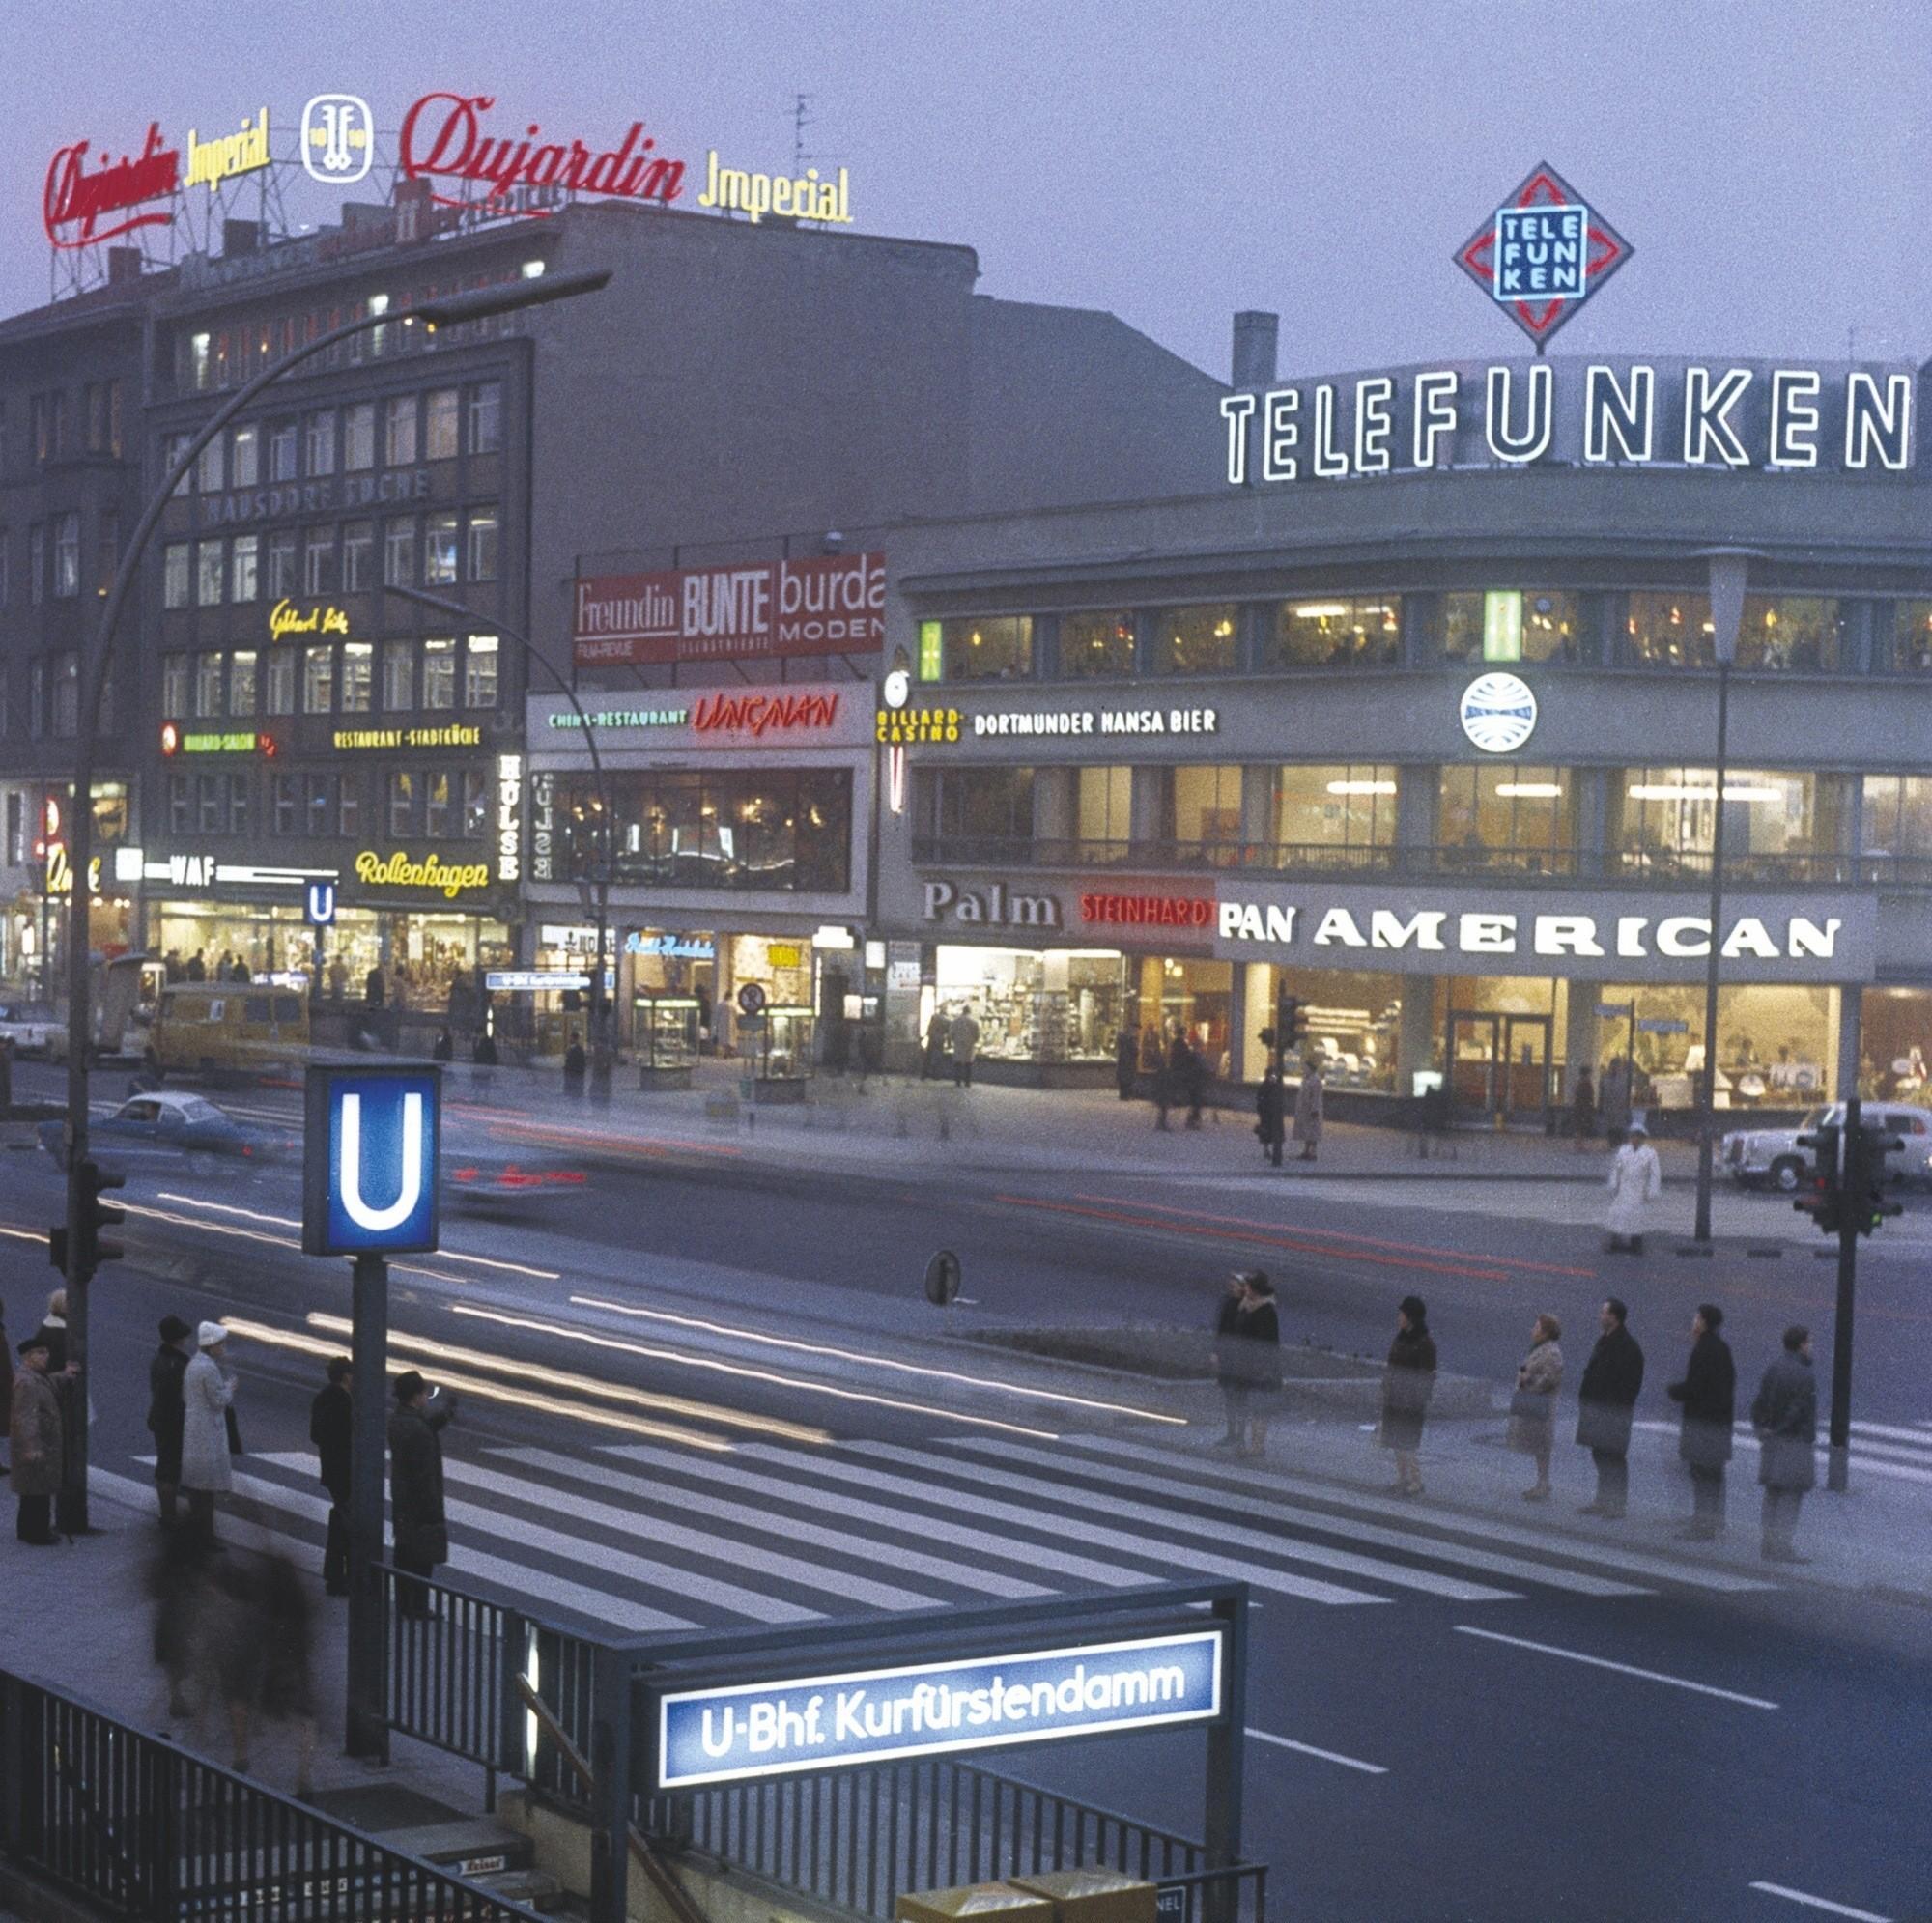 Grande rue commerçante de Berlin-Ouest, 1964, photographie